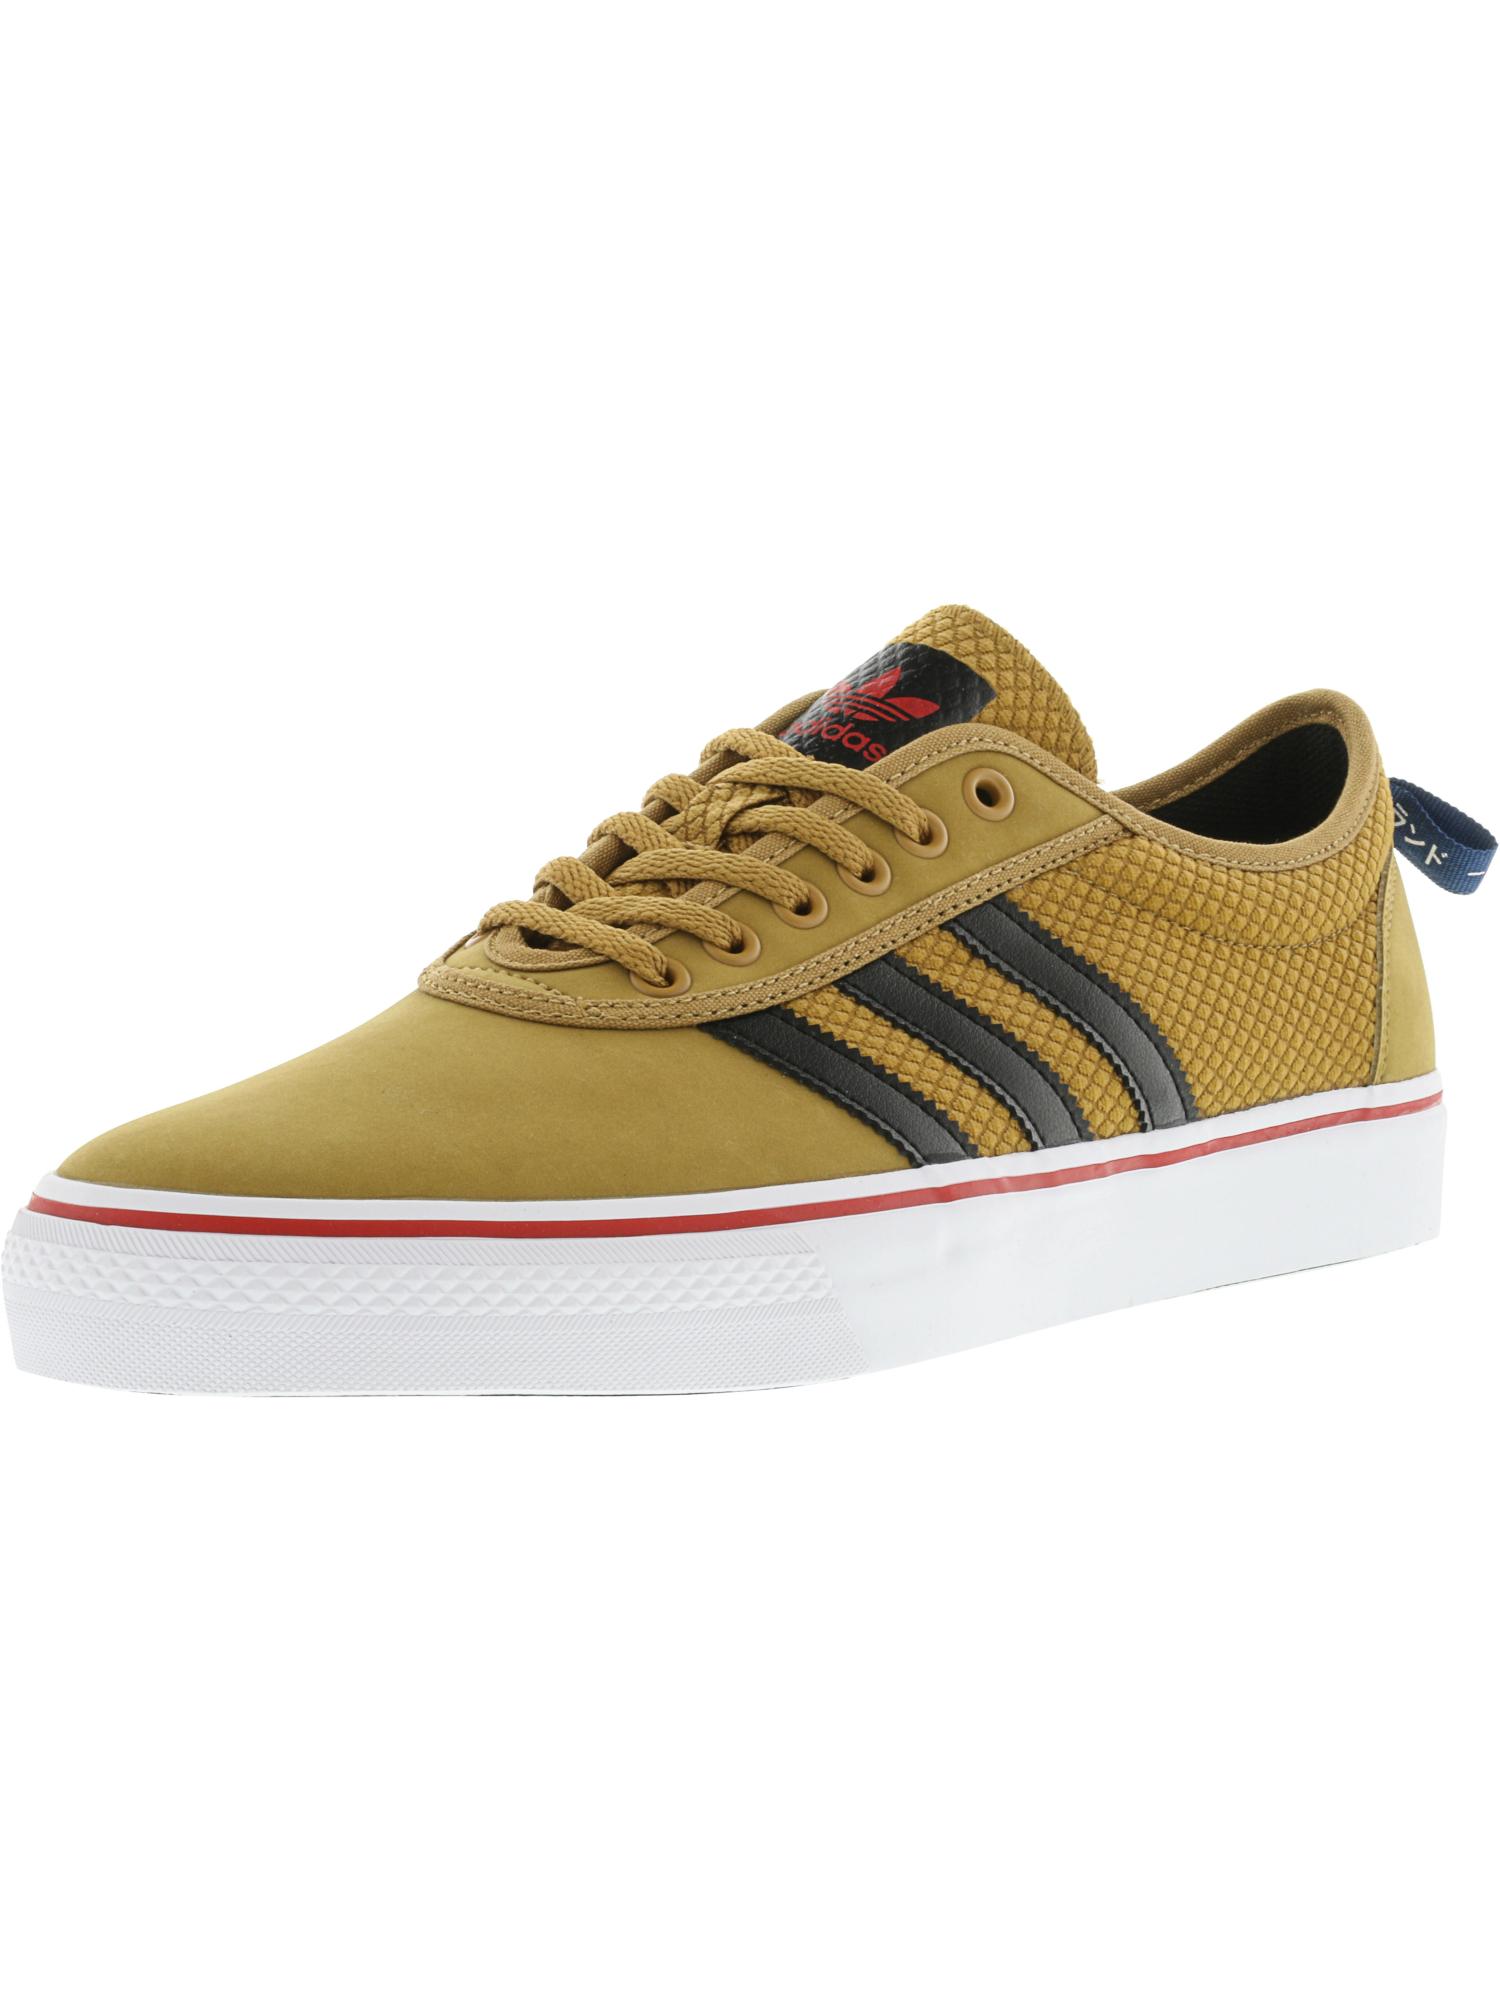 adidas männer adi leichtigkeit knöchel schuh hohen leinwand skateboard - schuh knöchel 9ee676